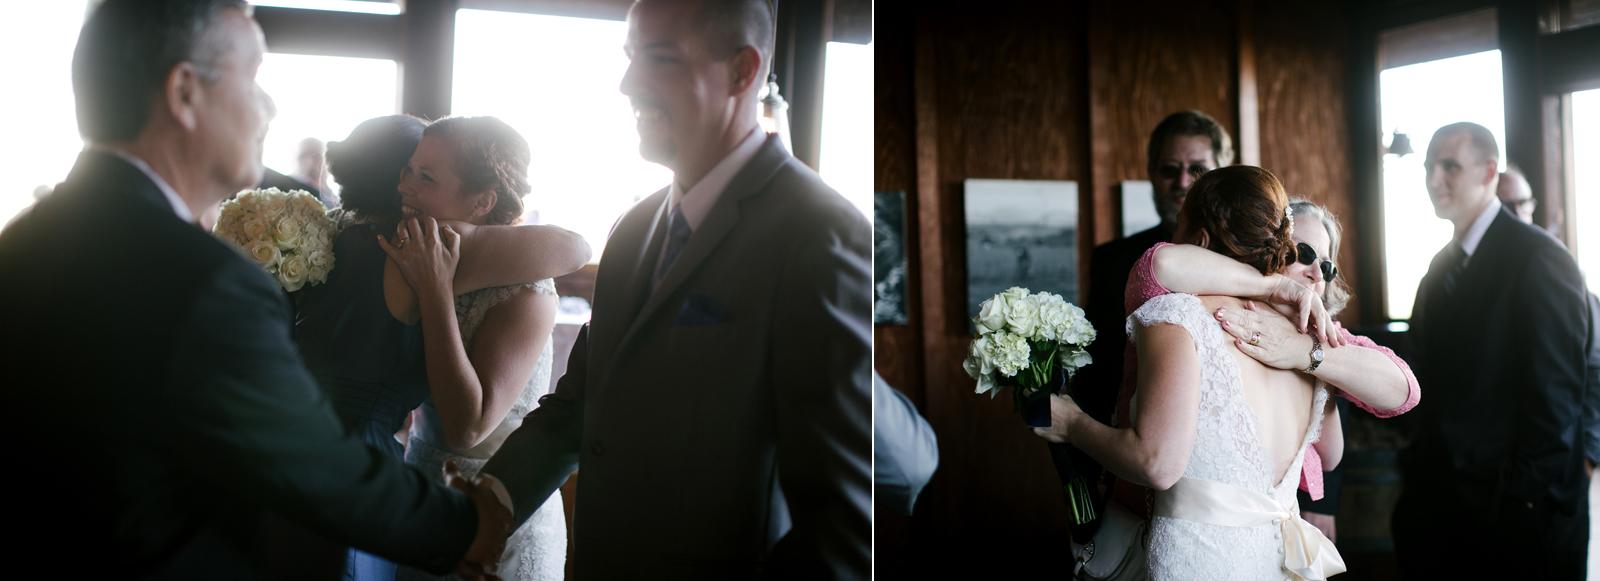 037-daronjackson-rich-wedding.jpg